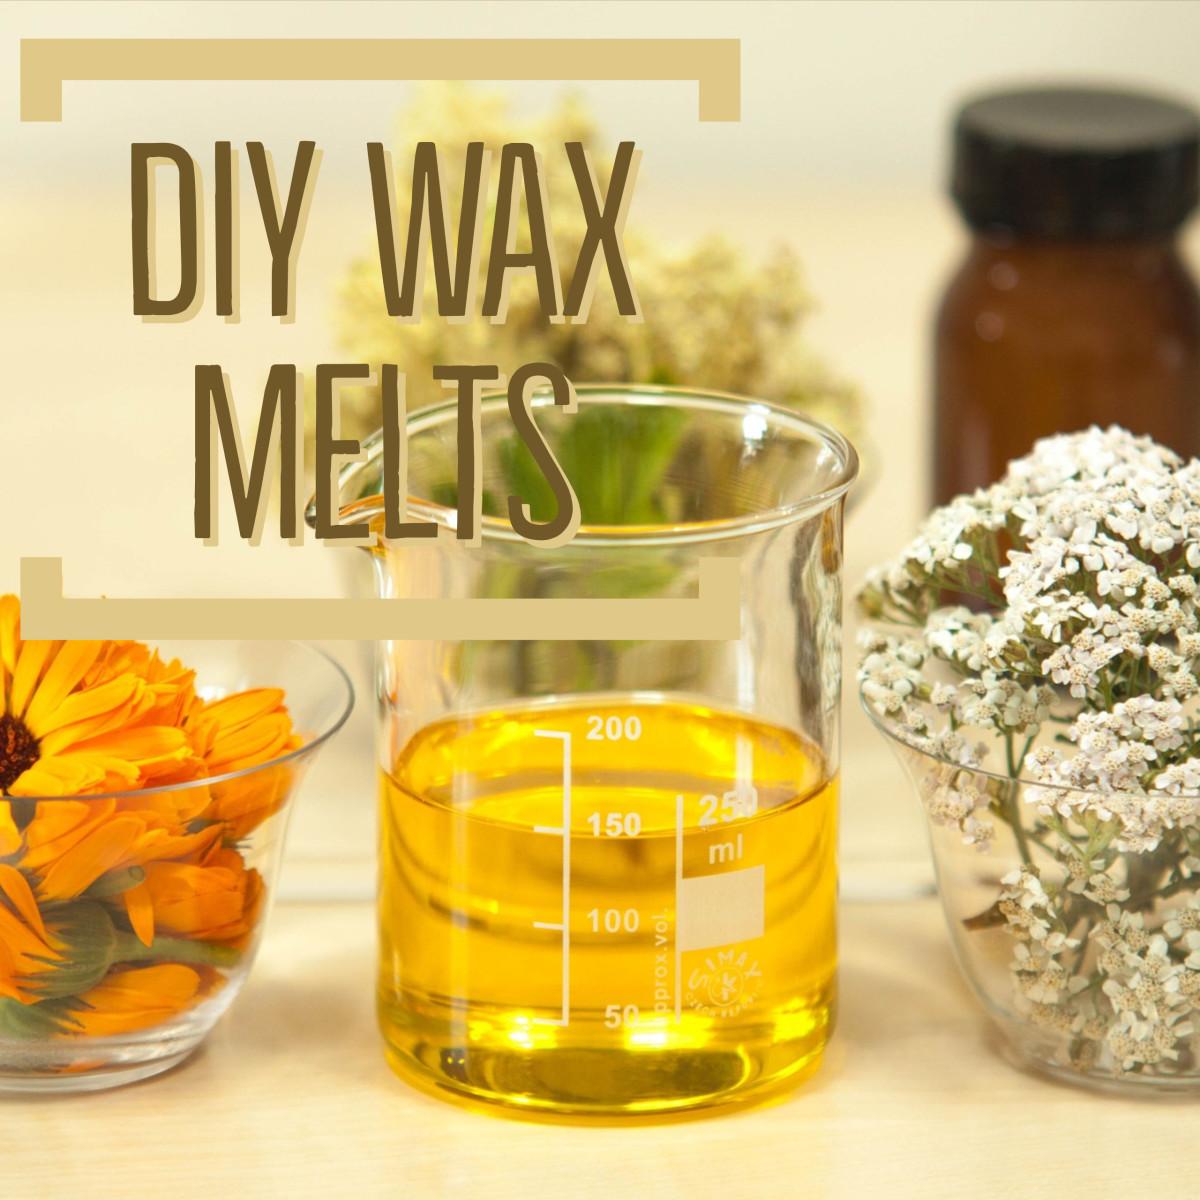 Making DIY Wax Melts